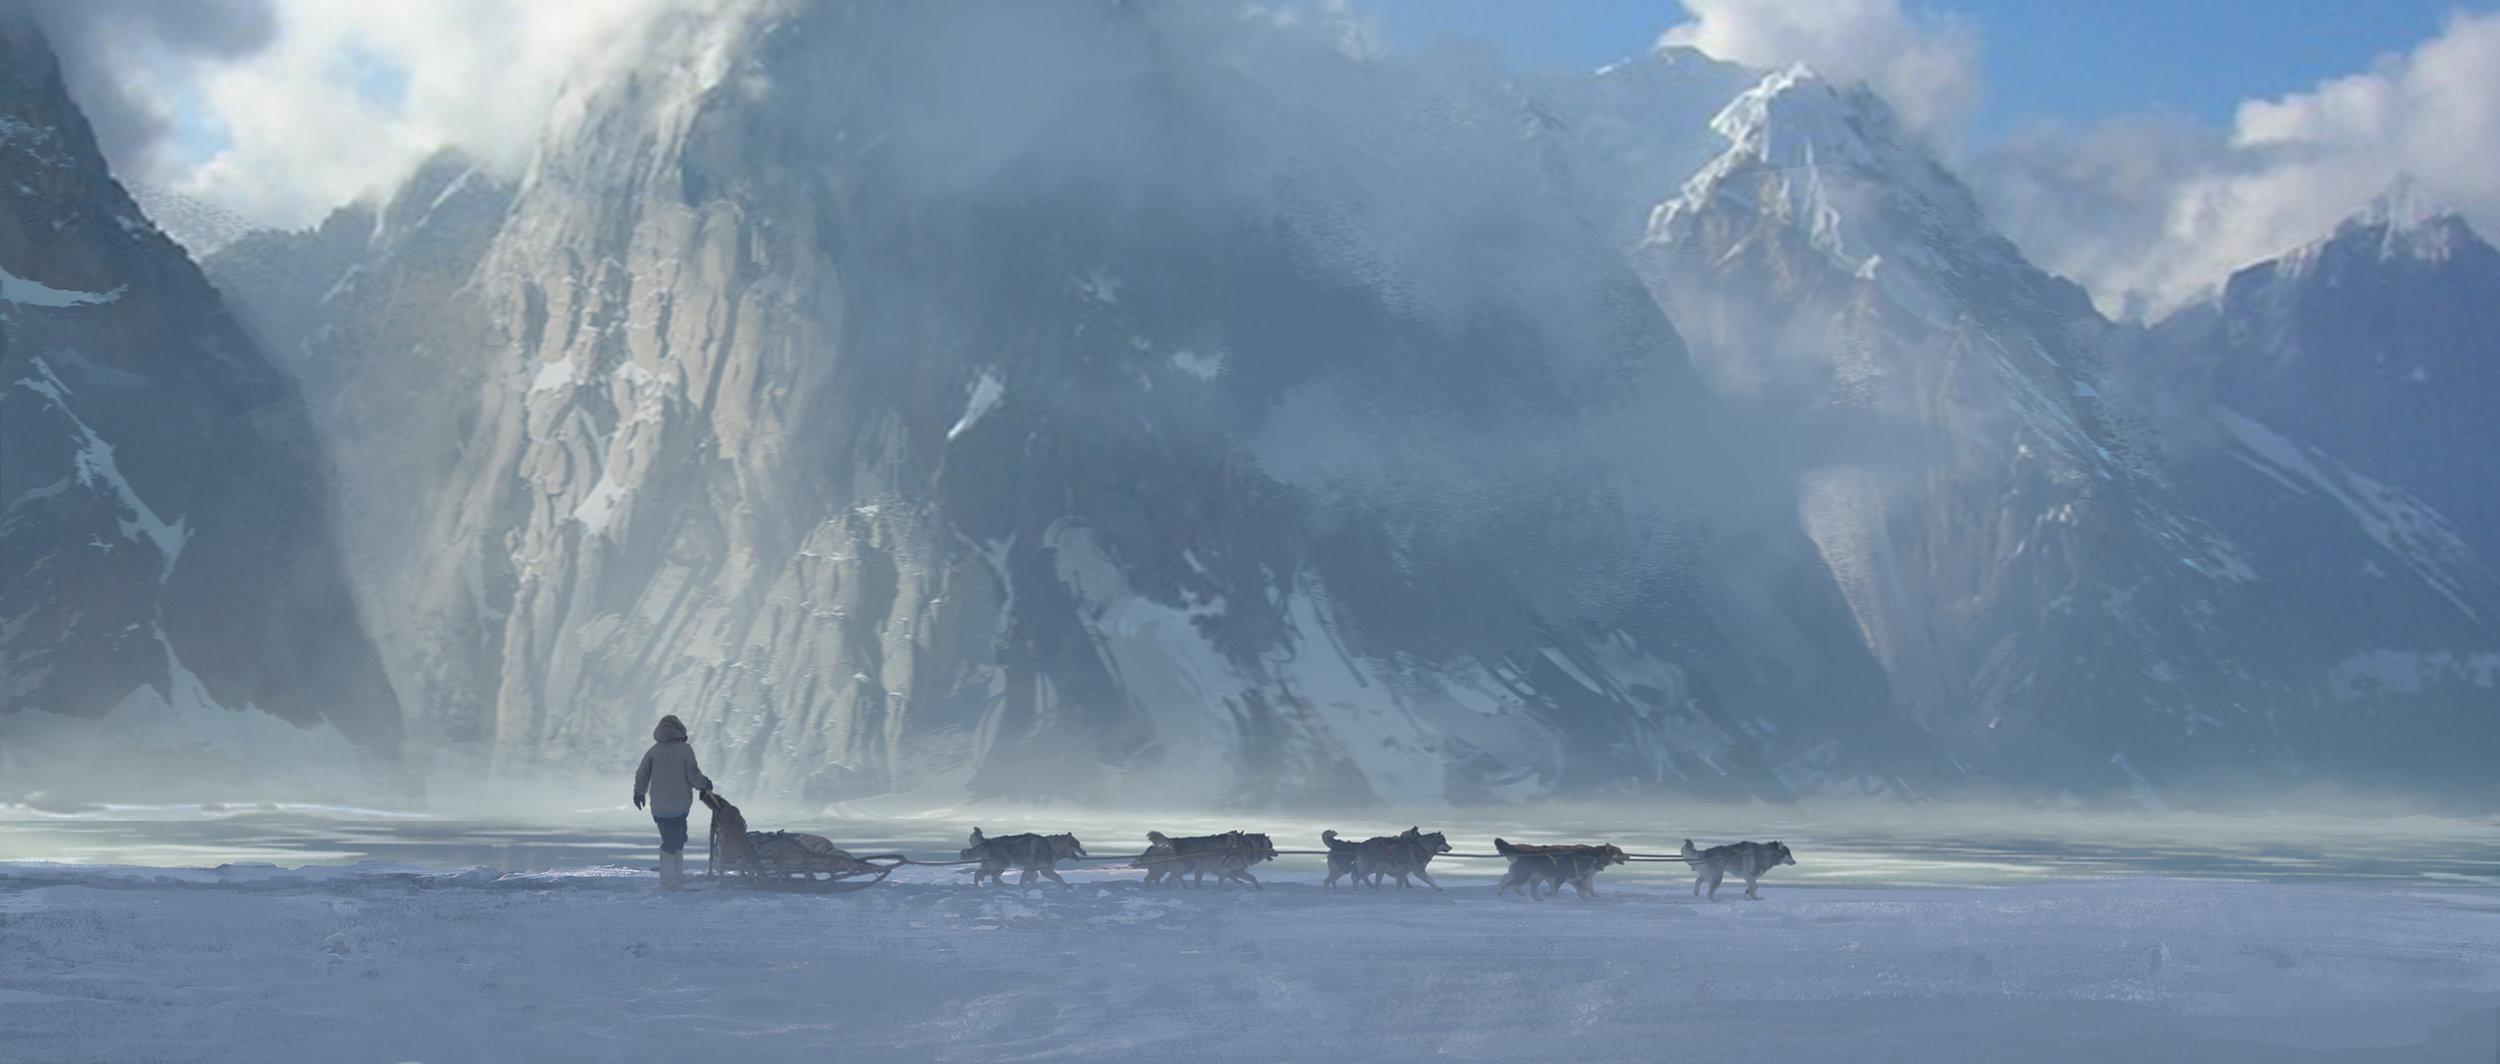 AndreBalmet_mountains.jpg